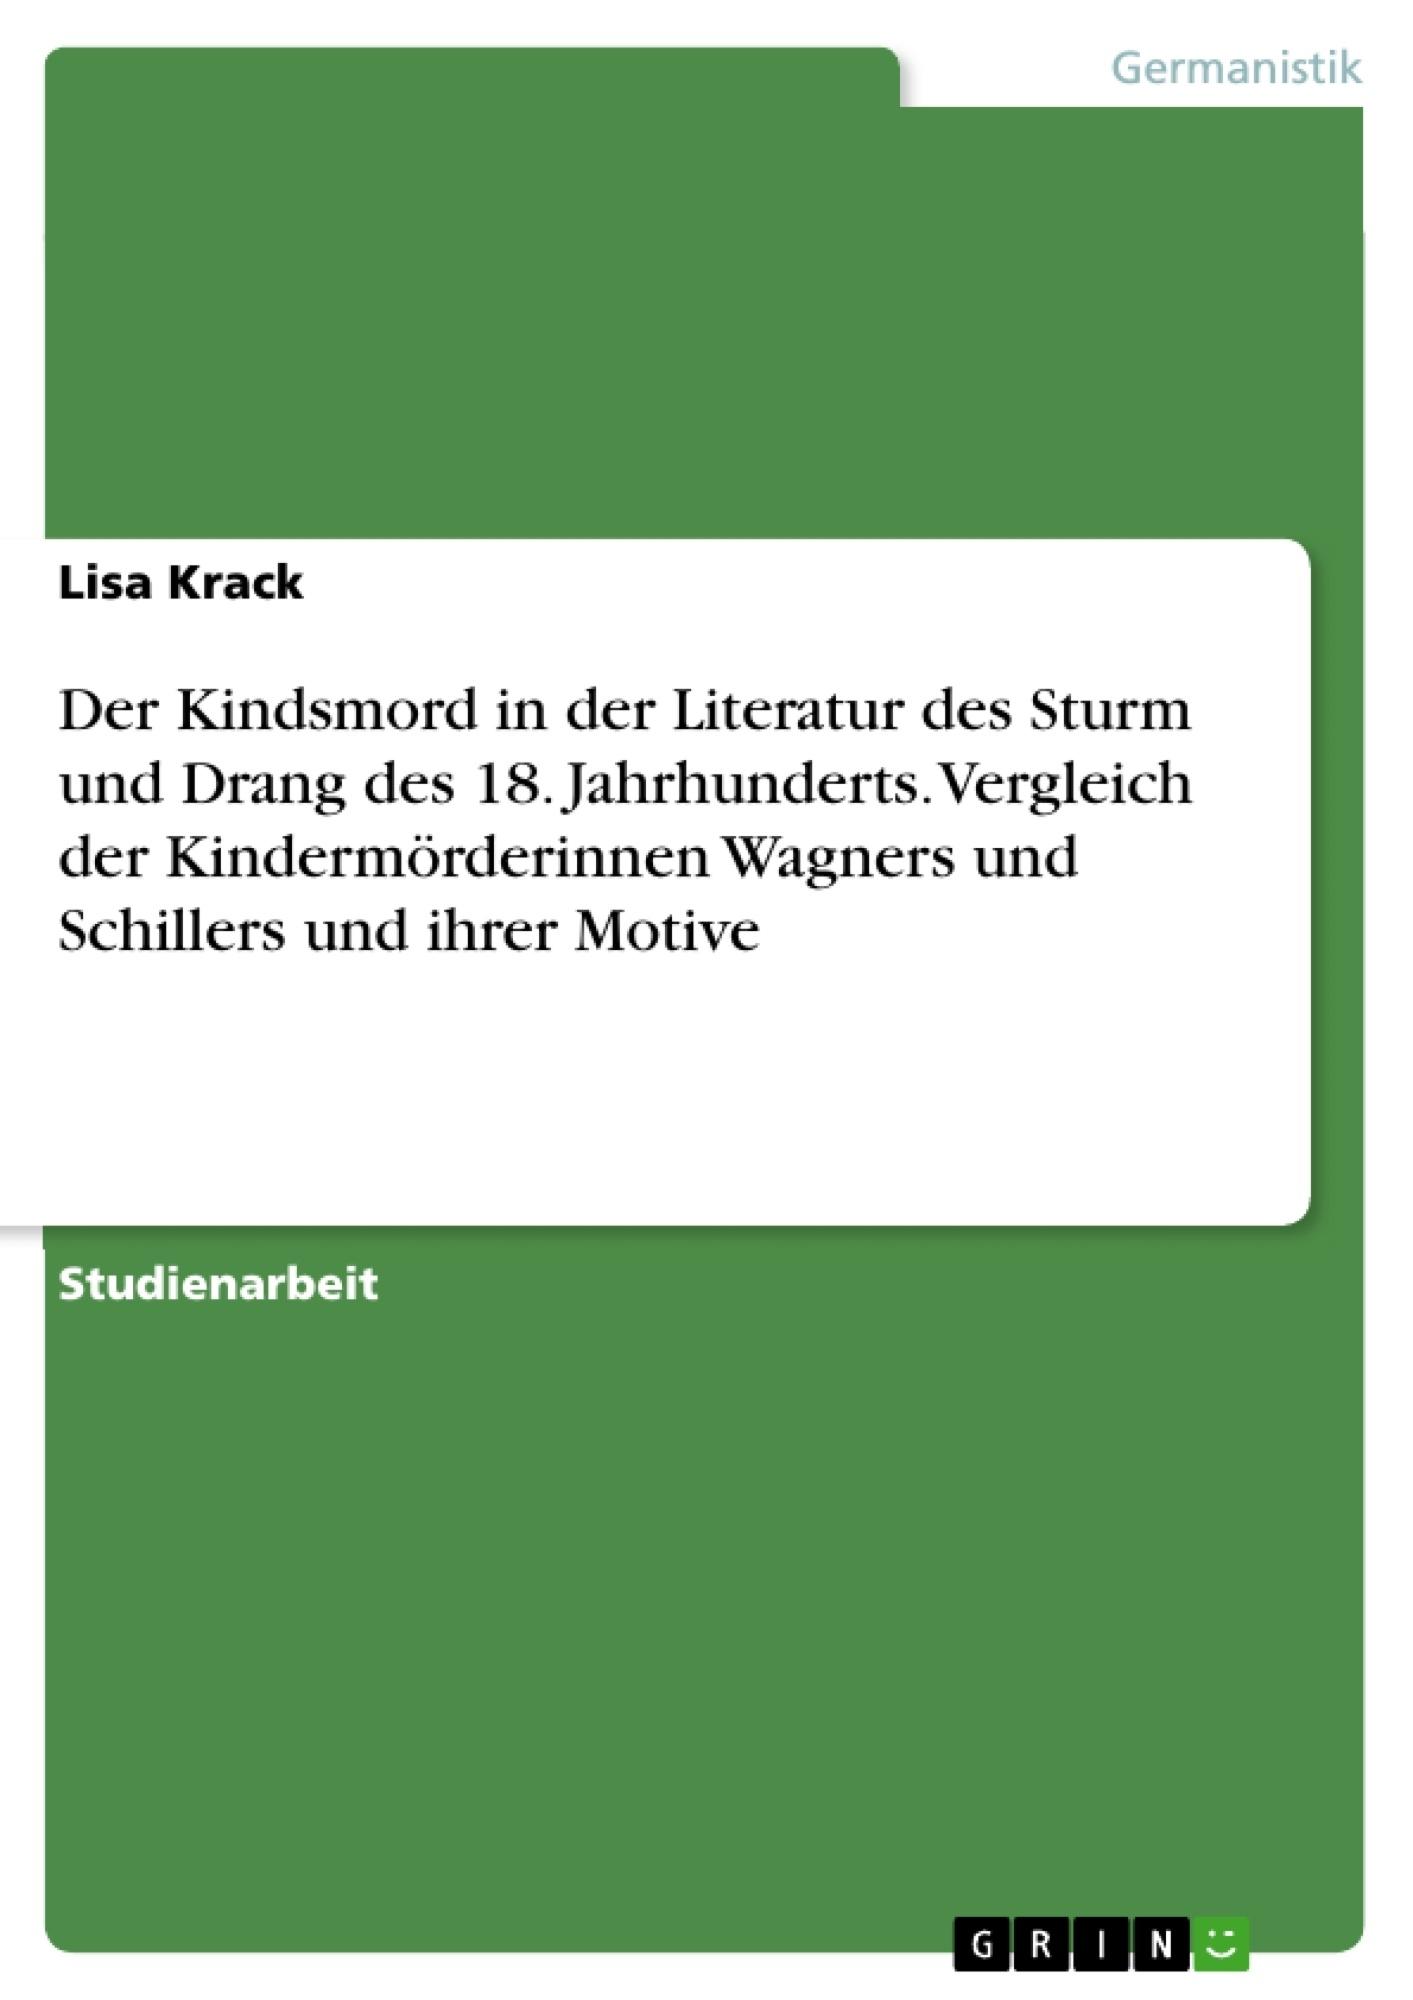 Titel: Der Kindsmord in der Literatur des Sturm und Drang des 18. Jahrhunderts. Vergleich der Kindermörderinnen Wagners und Schillers und ihrer Motive